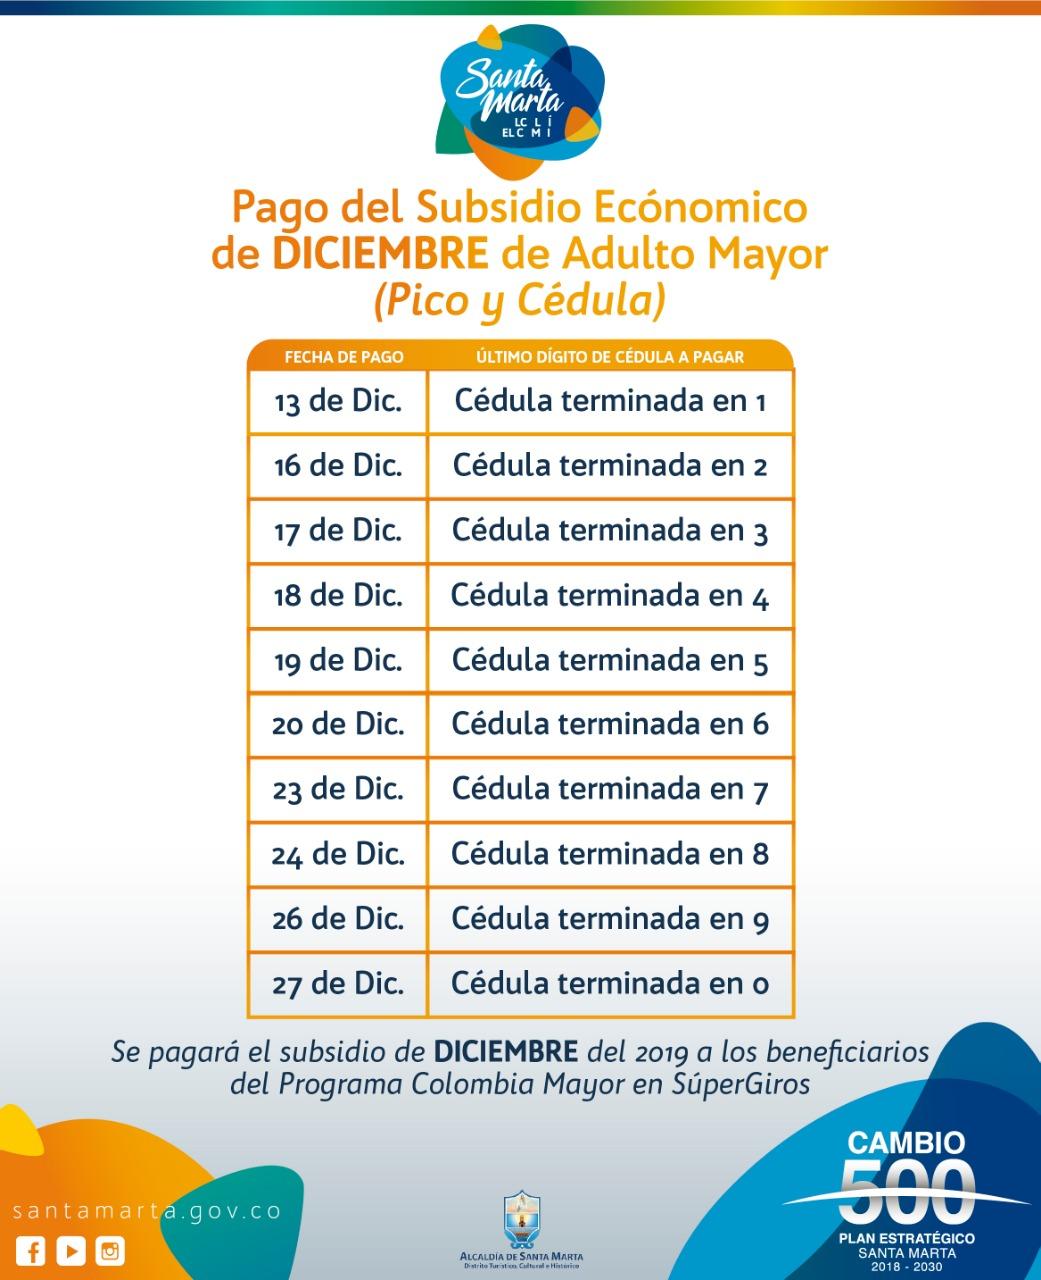 'Pico y cédula'.